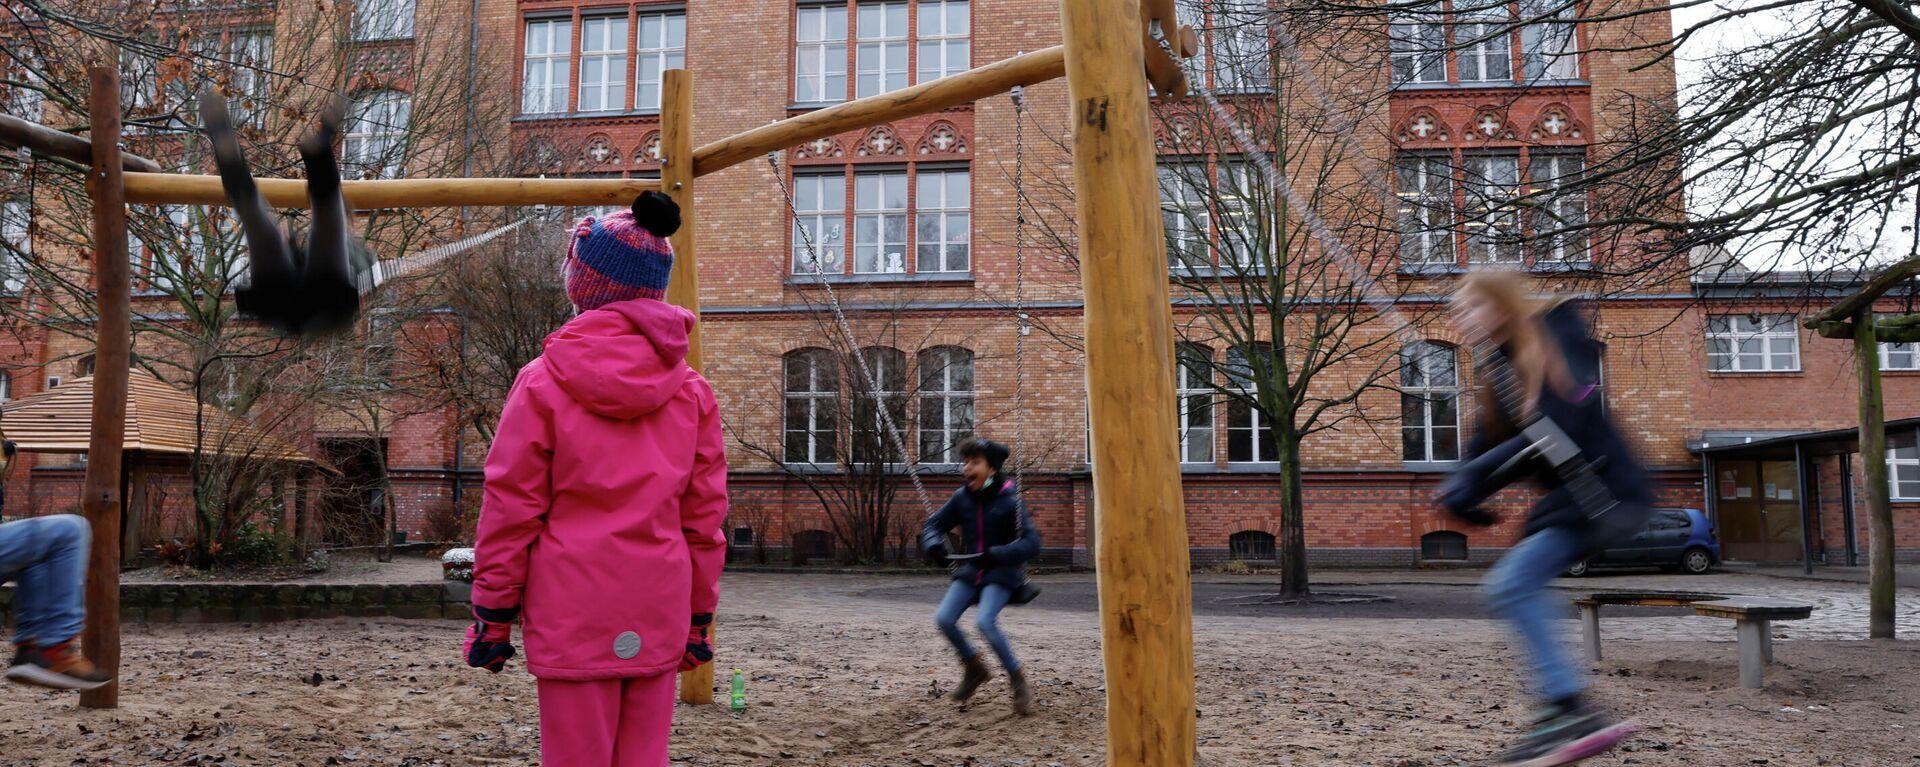 Kinder spielen im Hof einer Berliner Grundschule - SNA, 1920, 20.02.2021